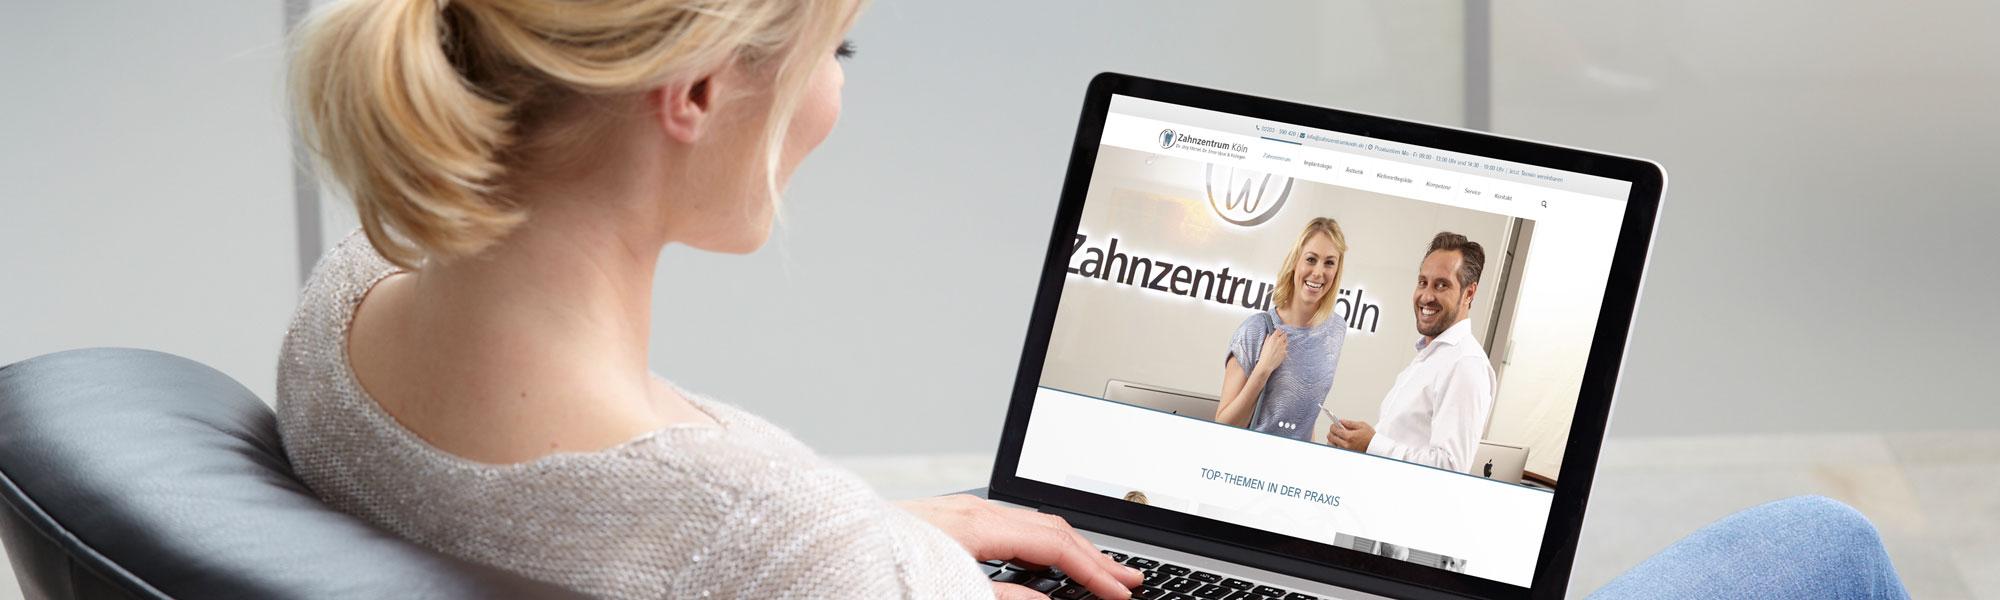 Zahnzentrum Köln - Service